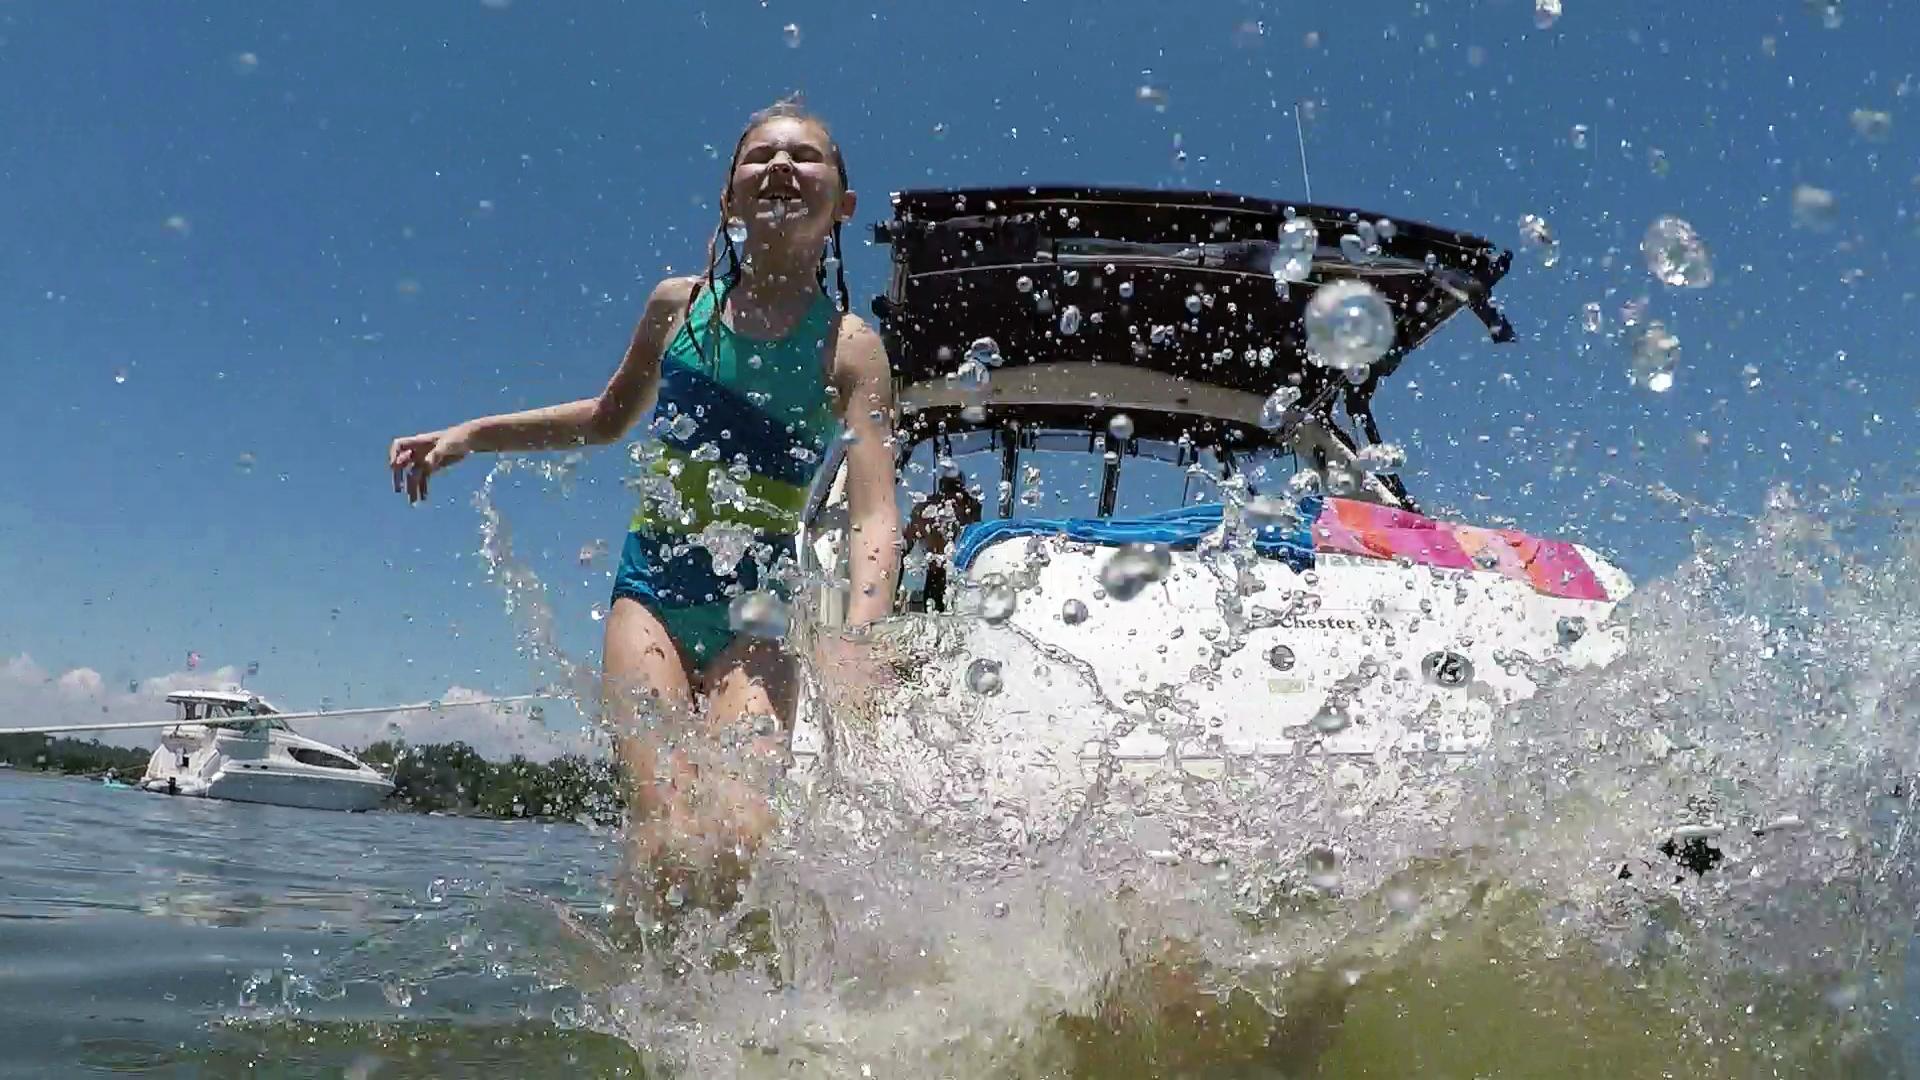 boat jump fun